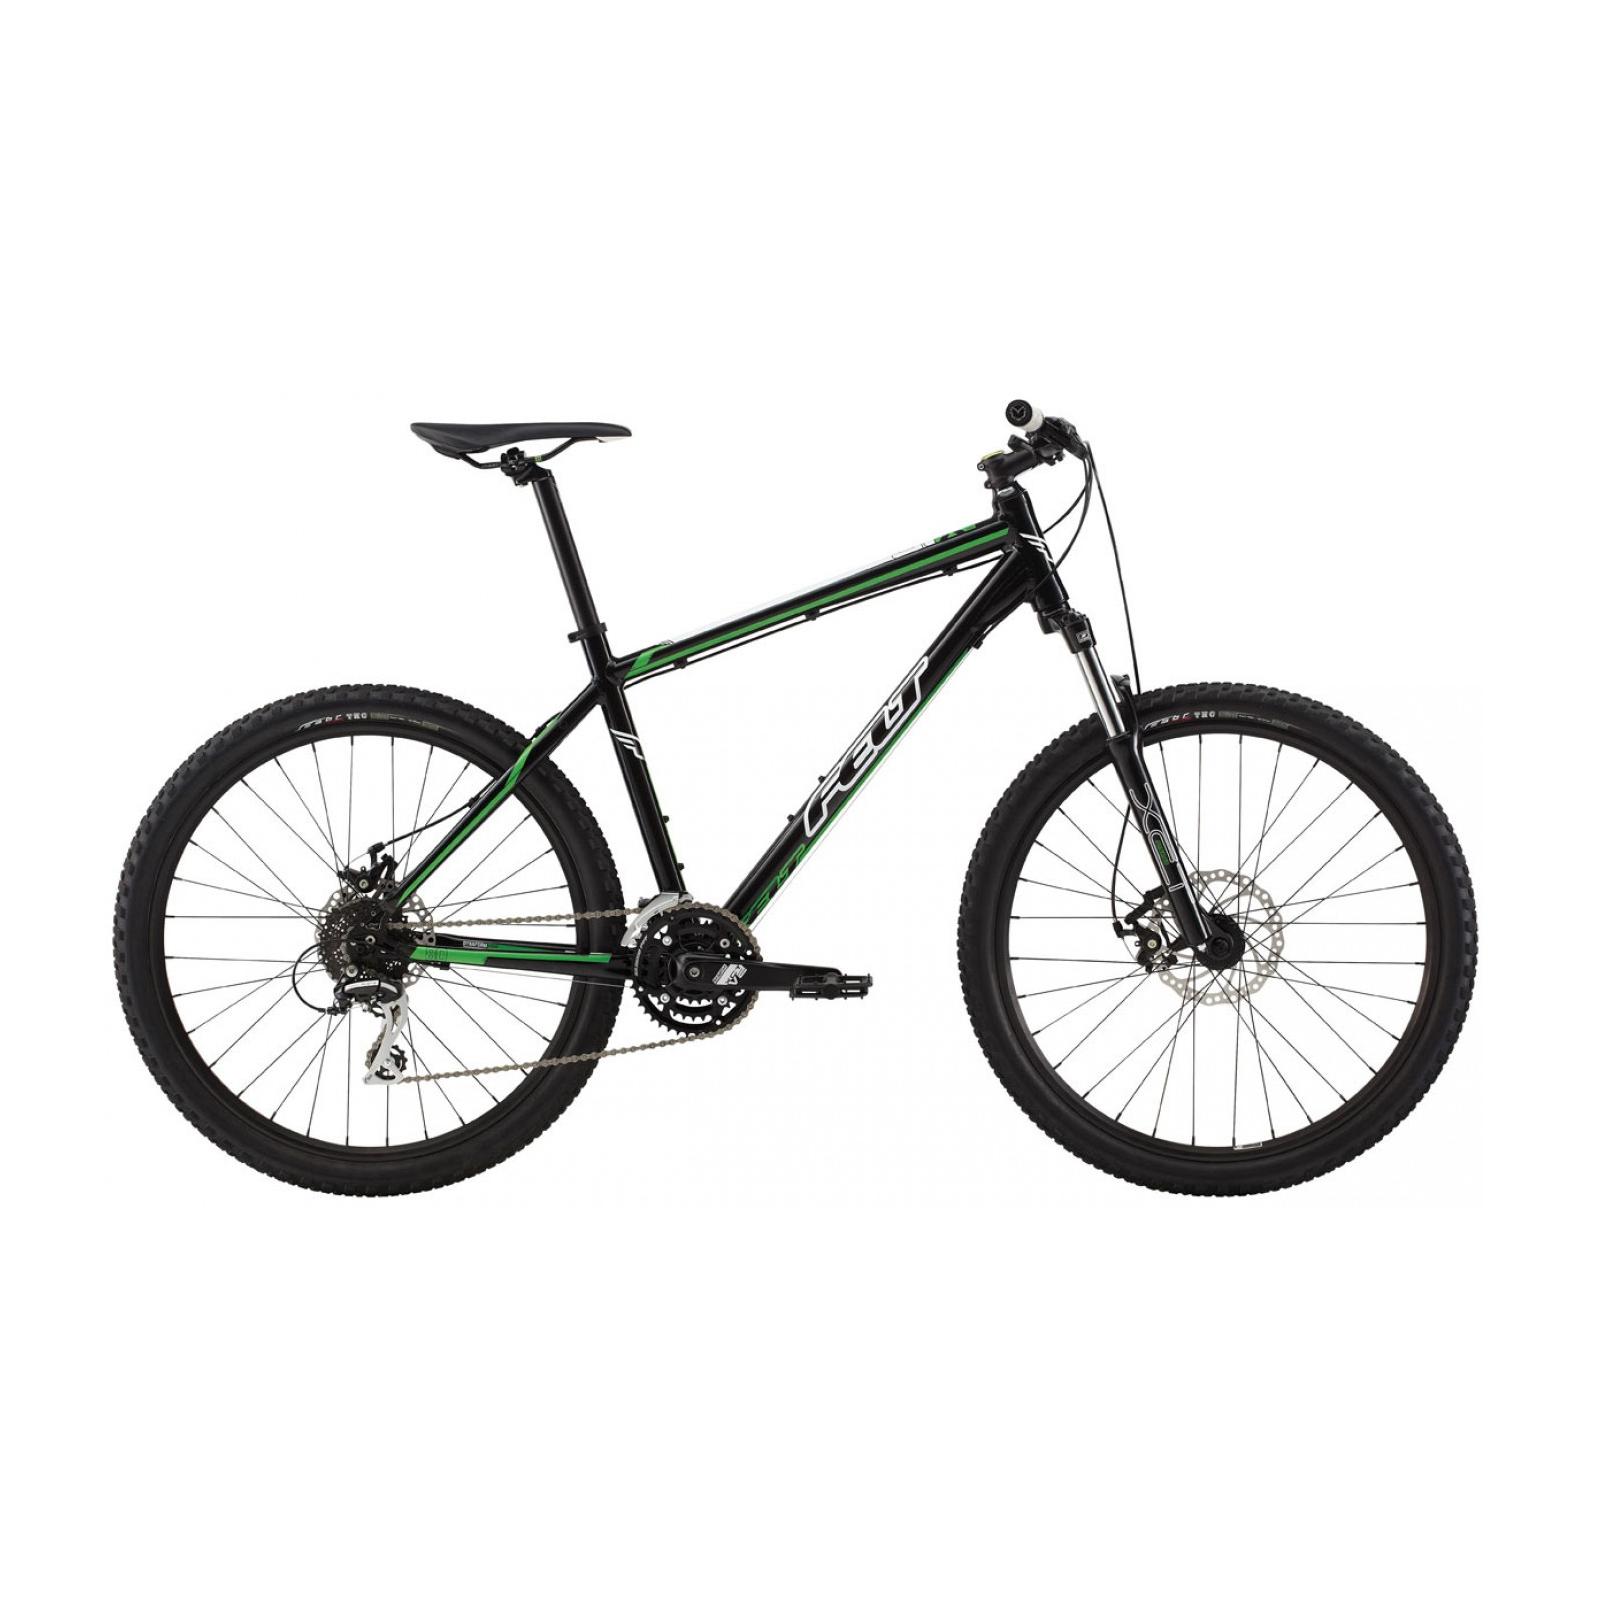 """Велосипед Felt MTB SIX 80 L black (green/white) 20"""" (8044 06801)"""